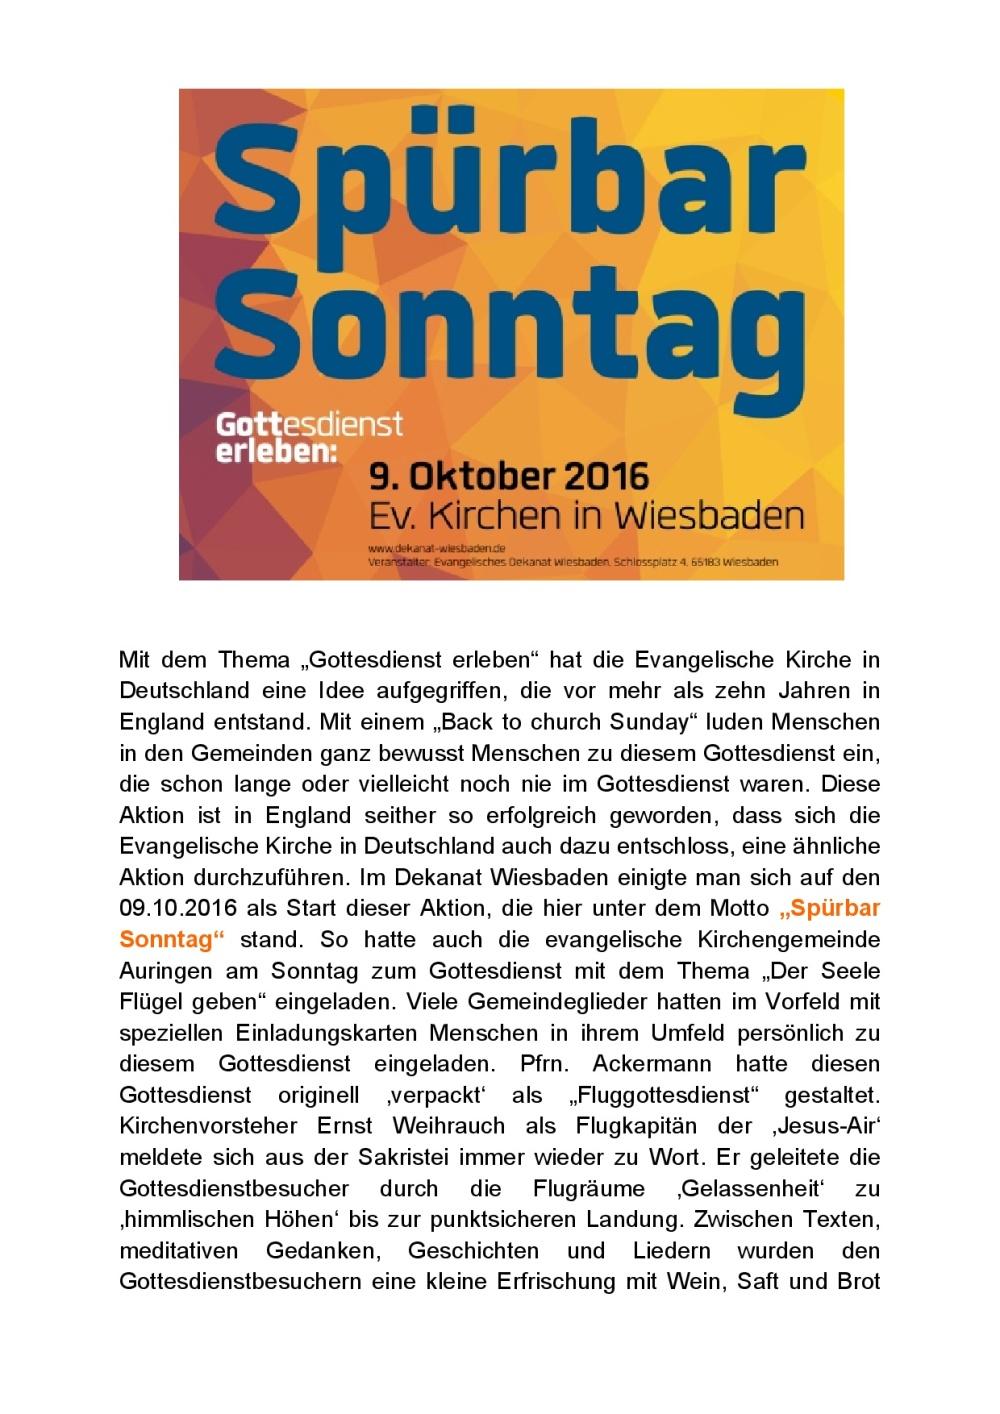 2016-10-09-spurbar-sonntag-001